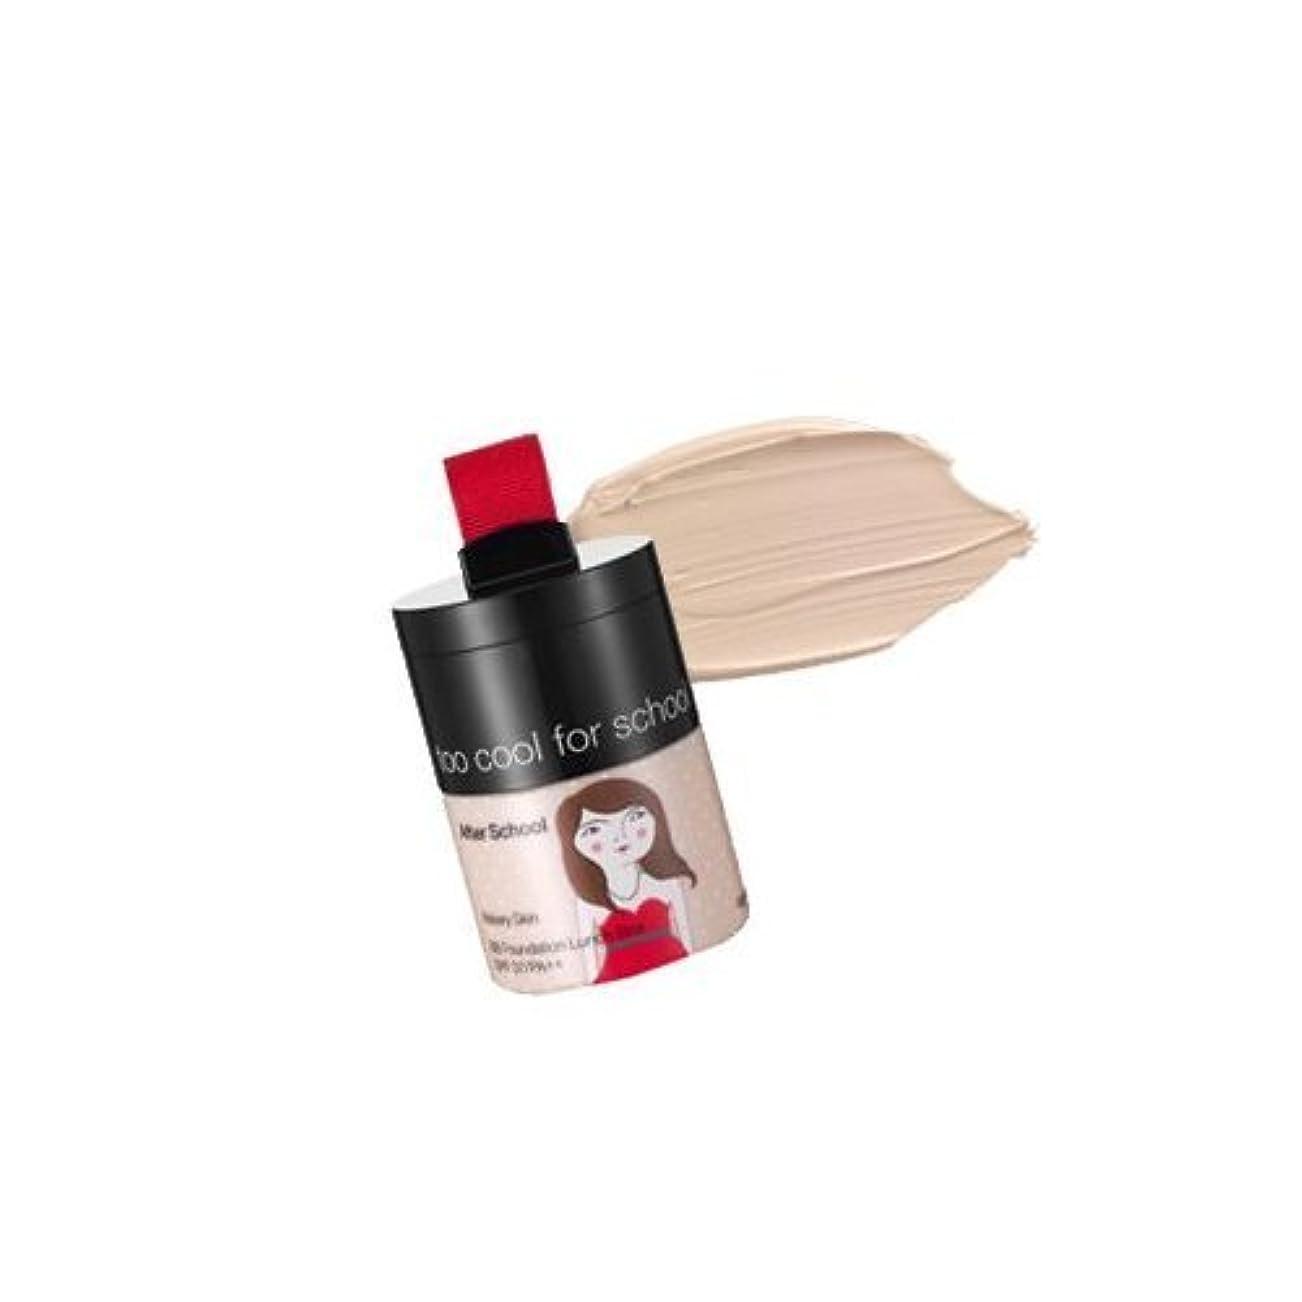 批評支配する選択TOO COOL FOR SCHOOL After School BB Foundation Lunch Box 01 Matte Skin (並行輸入品)